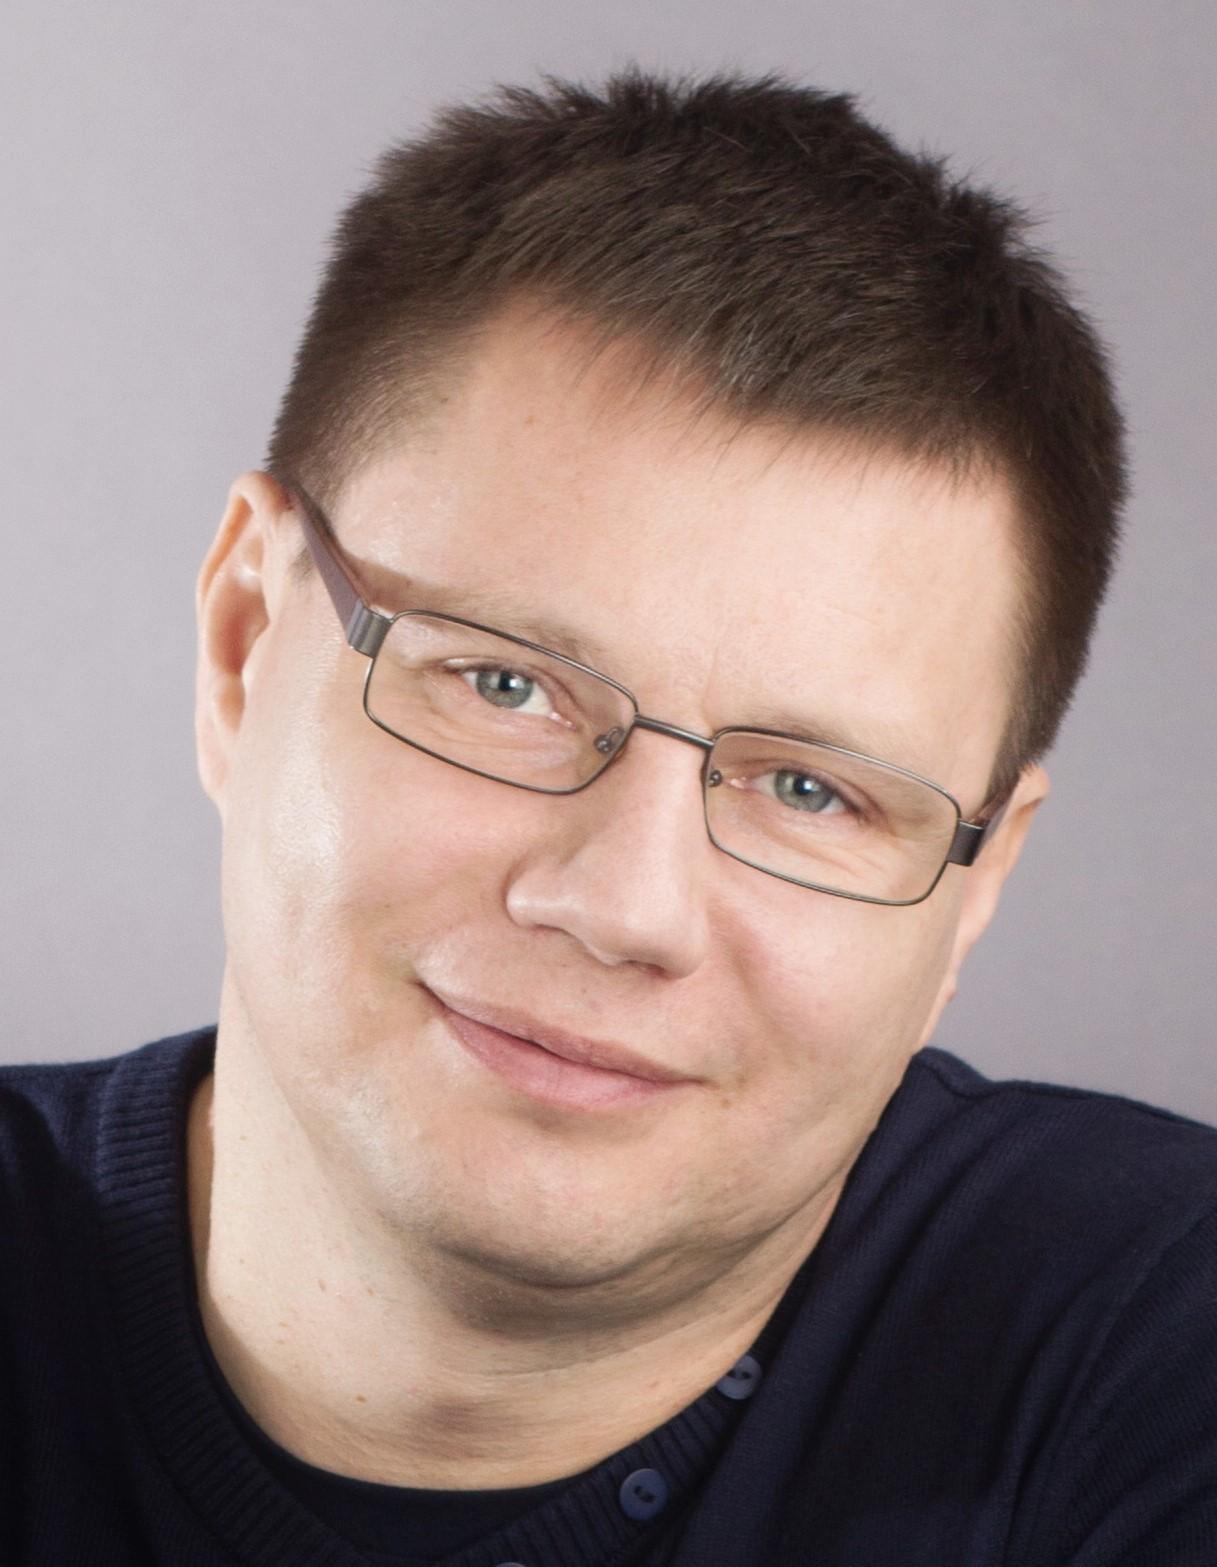 Психолог Андрей Колосовцев